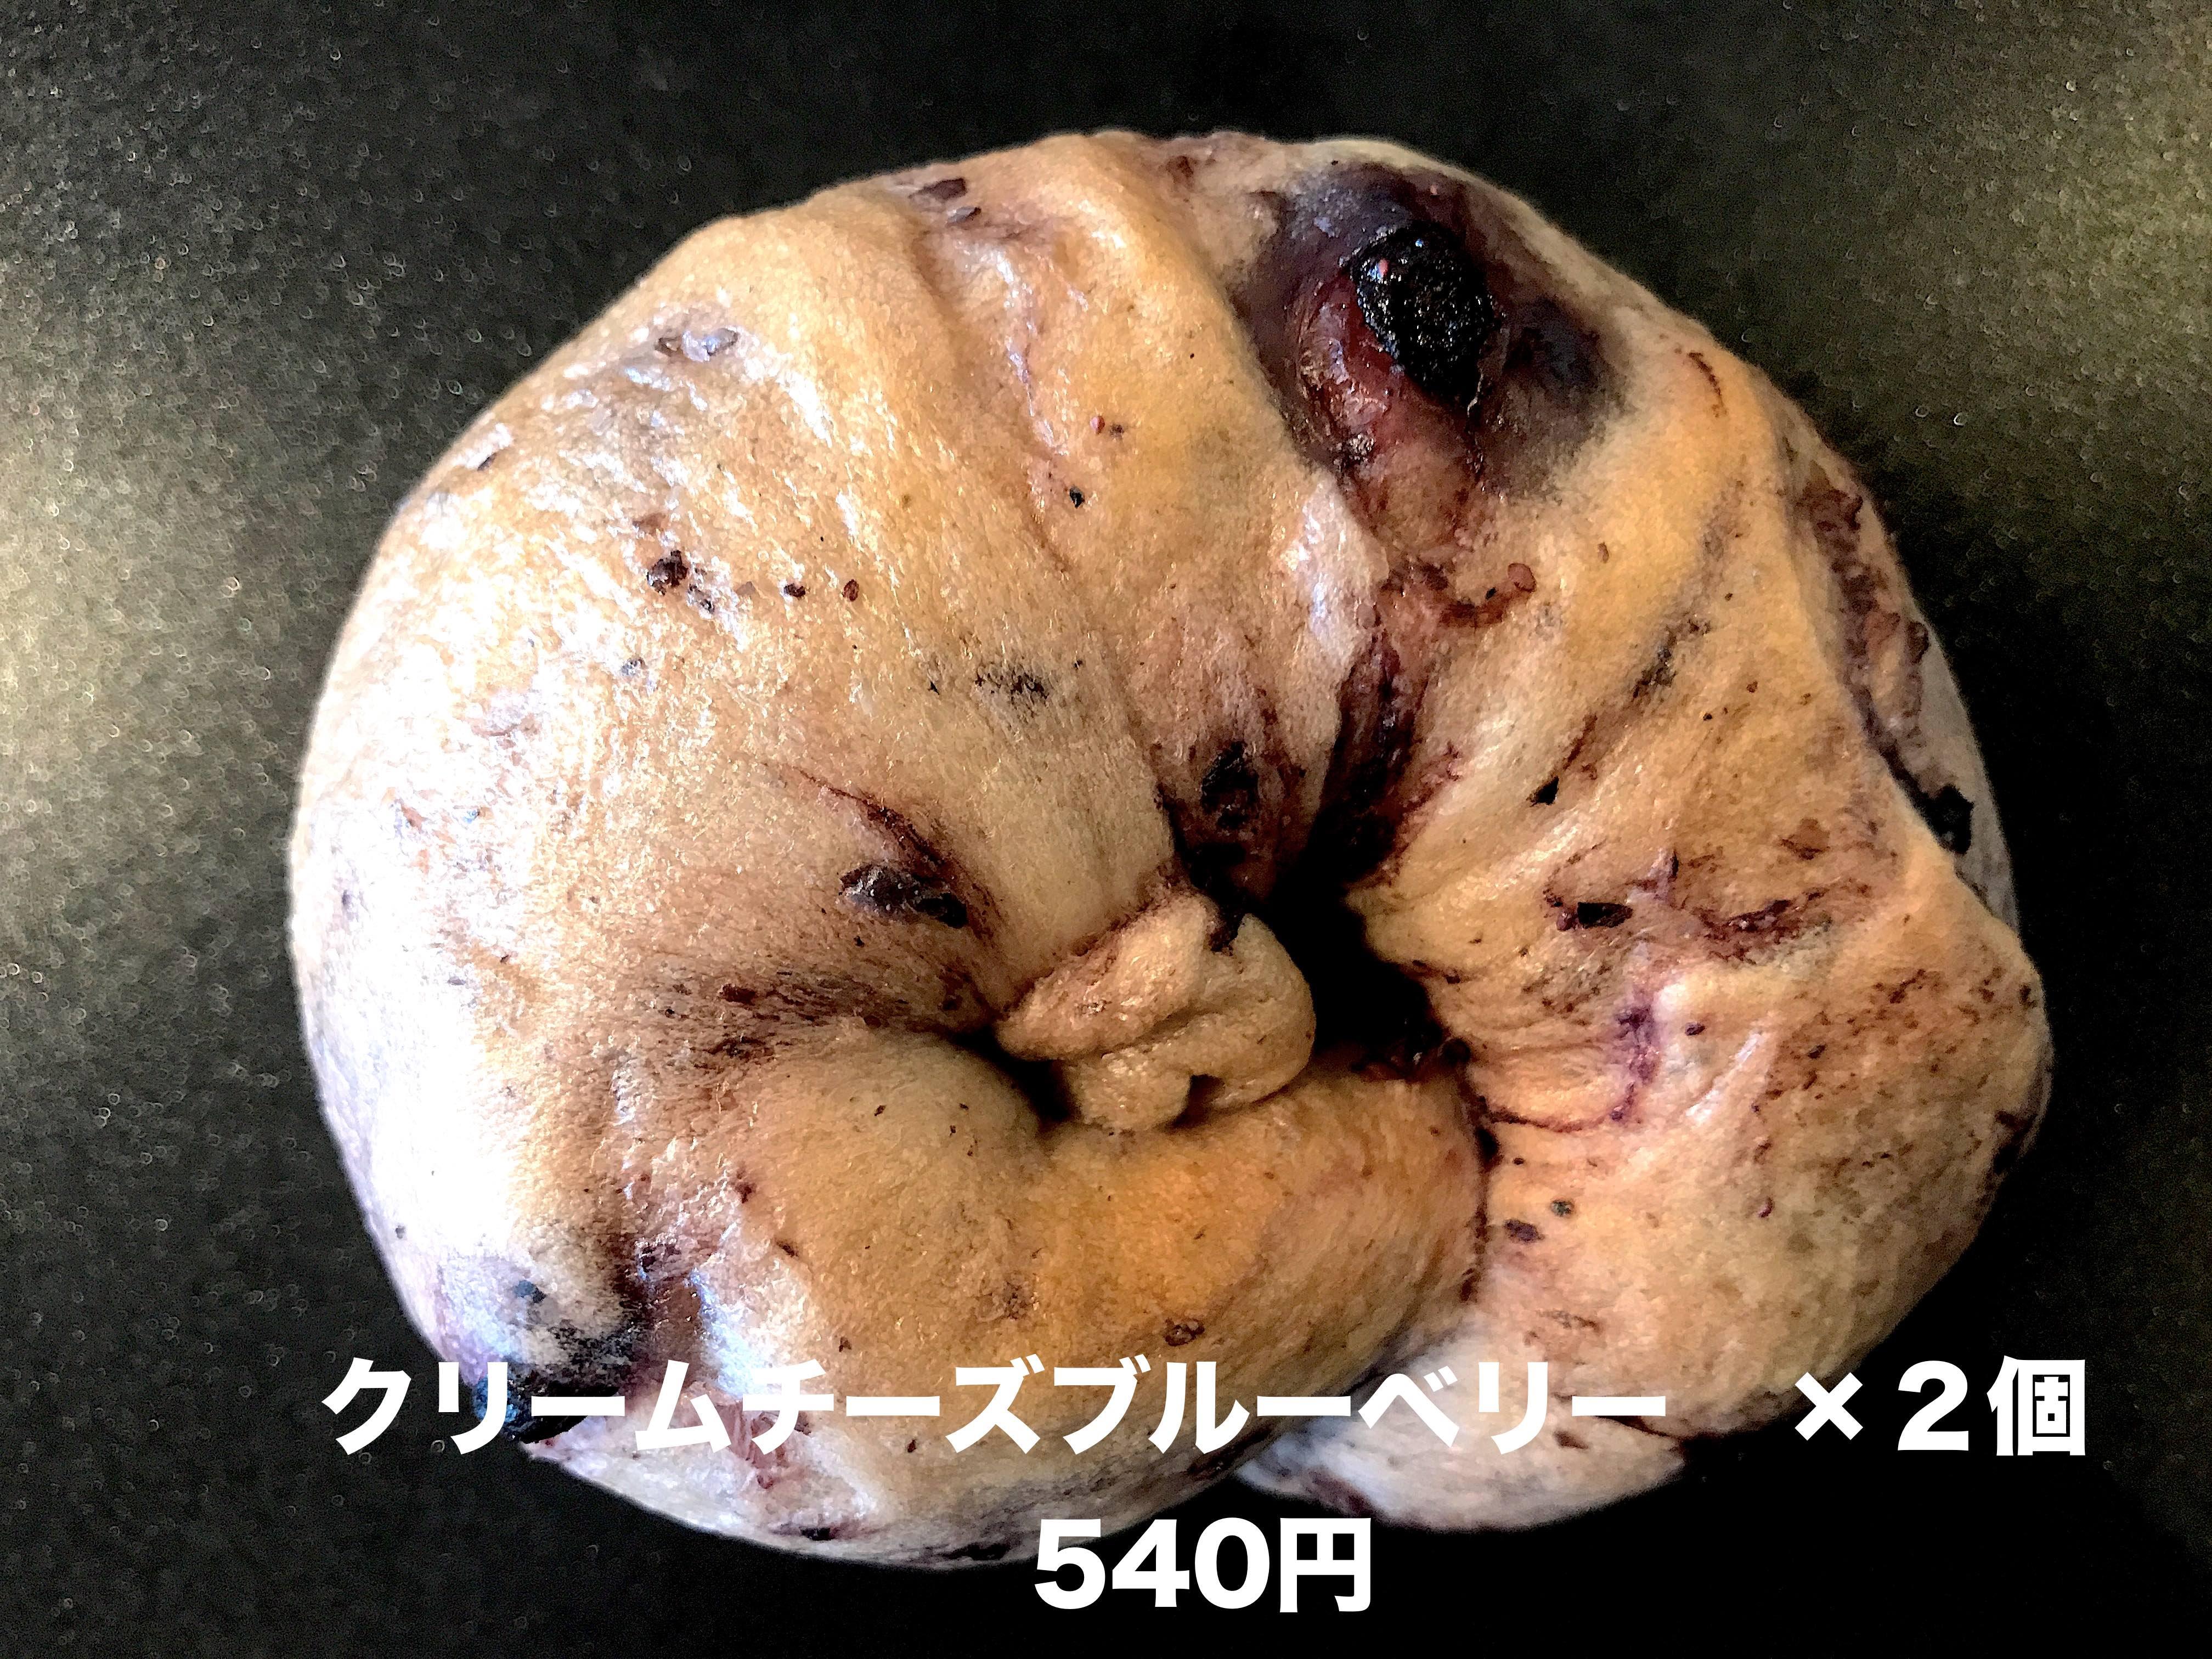 【6000円以上で送料無料】【焼きたて冷凍】単品ベーグル「クリームチーズブルーベリー×2個」